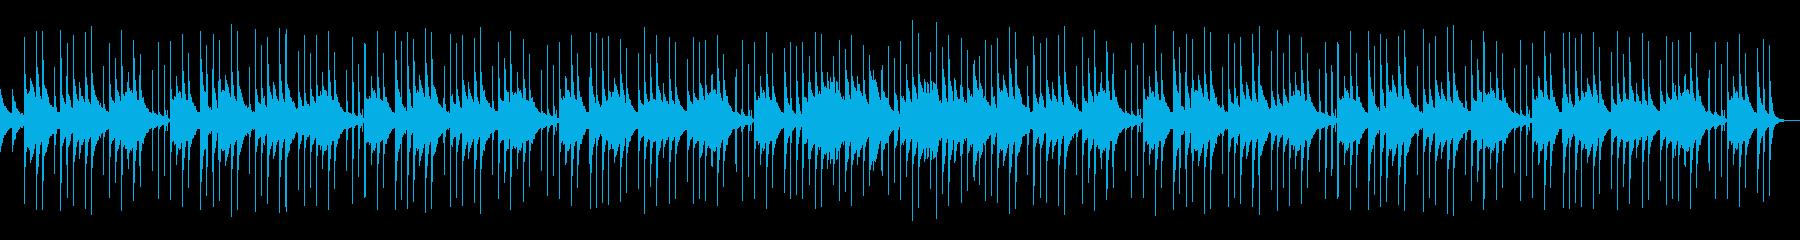 神殿や感動的シーンで使えそうなアルペジオの再生済みの波形